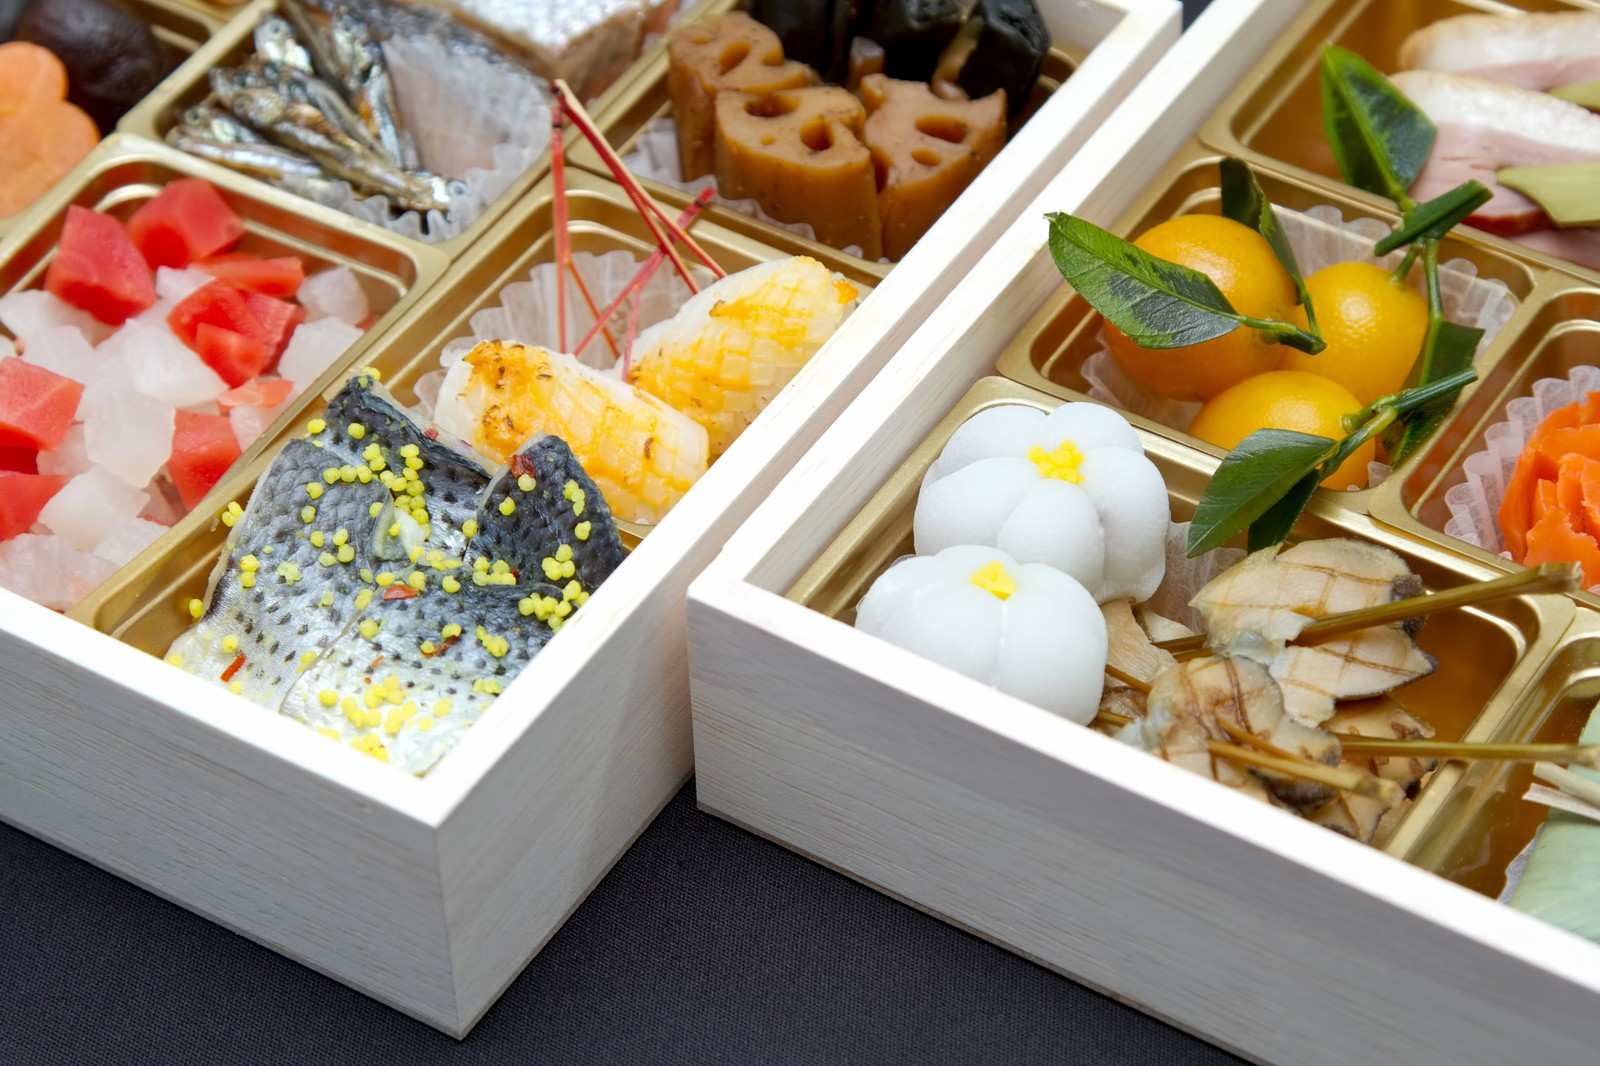 「桐の箱に入ったおせち料理桐の箱に入ったおせち料理」のフリー写真素材を拡大